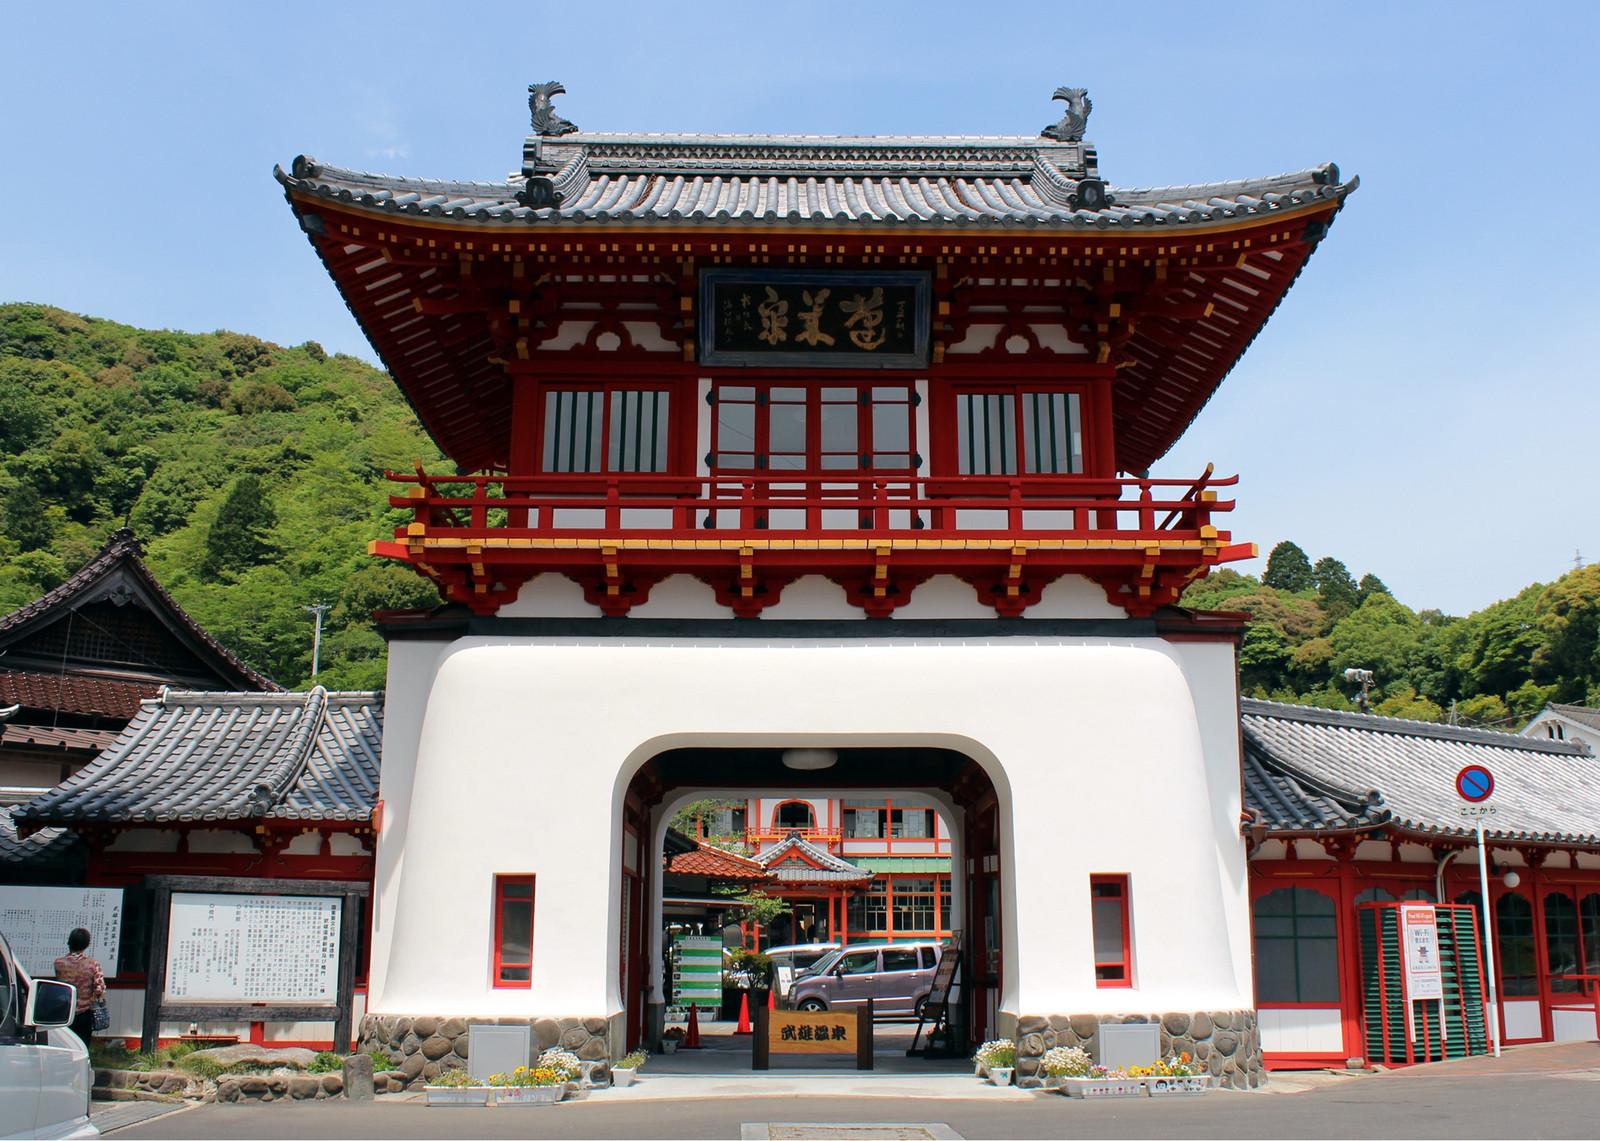 武雄温泉に宿泊できるホテルや旅館をご紹介!ランチなどのグルメも楽しめる